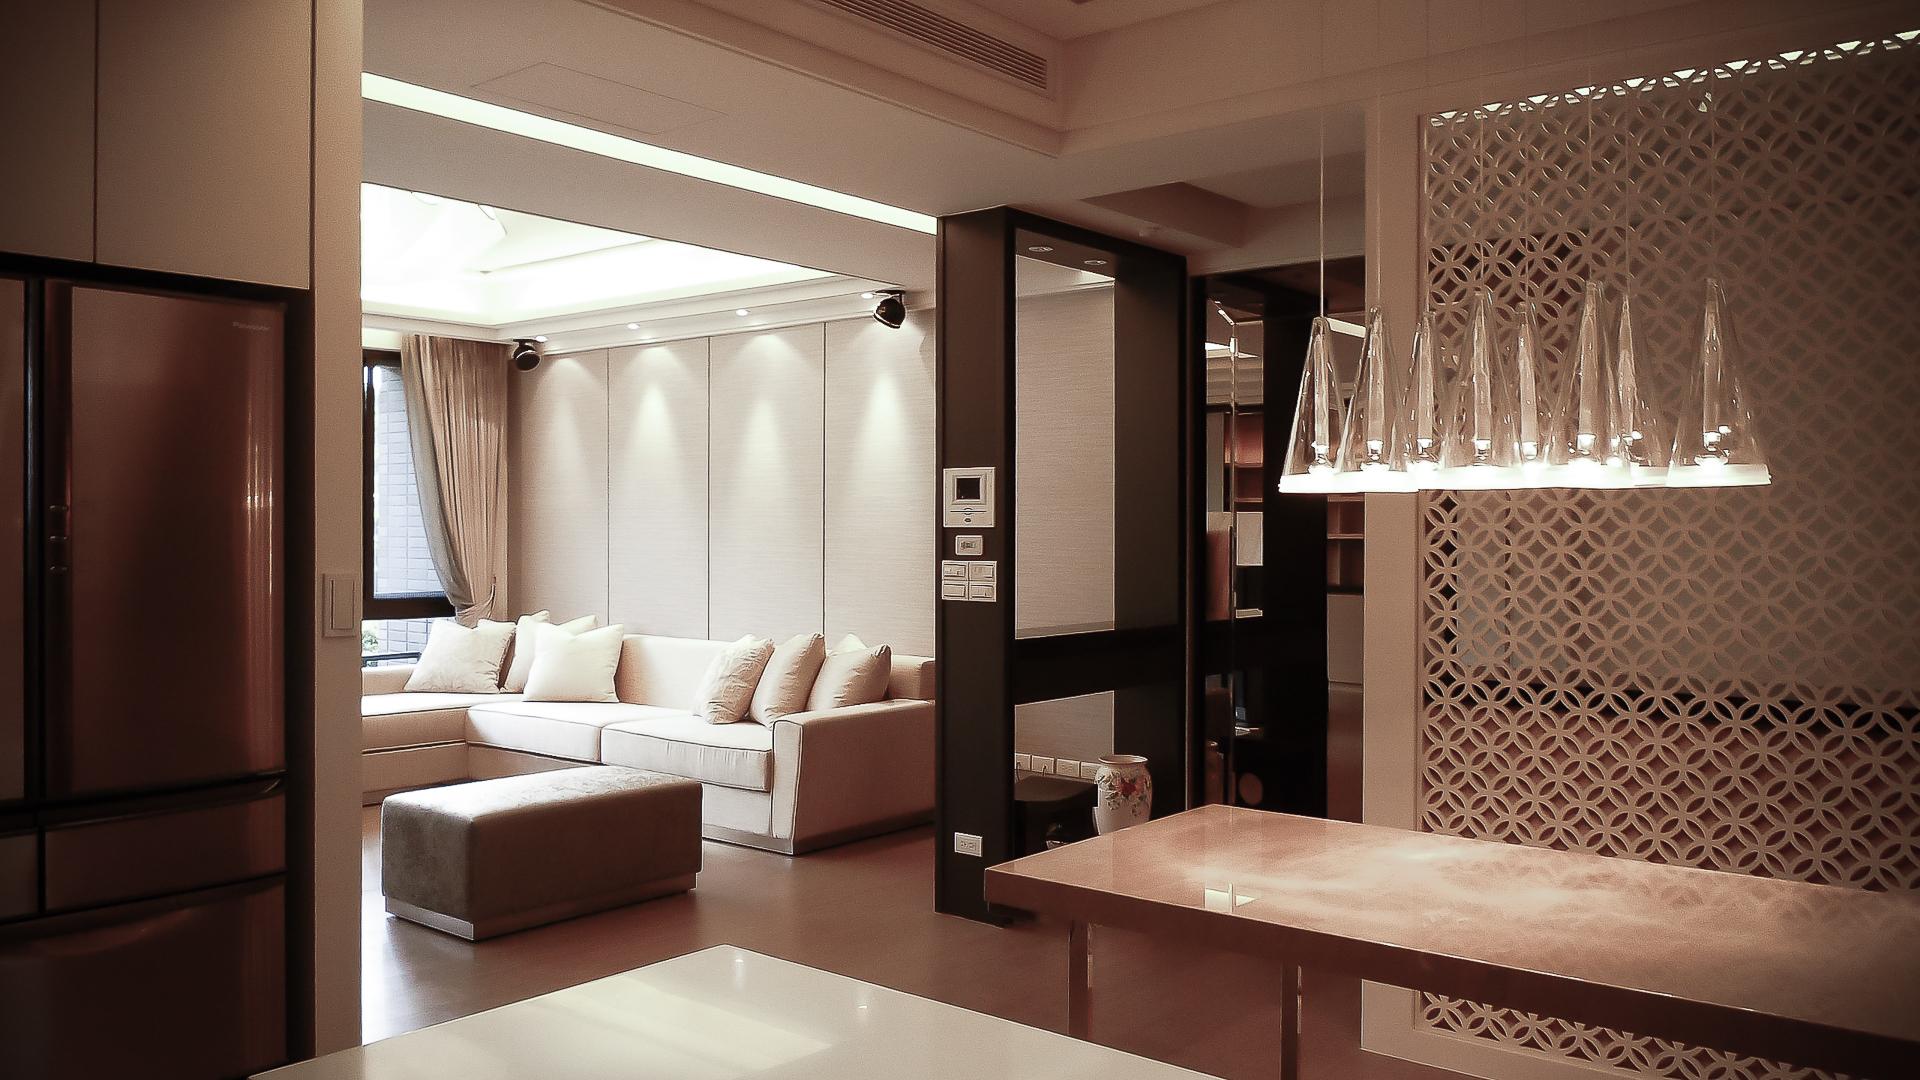 0015_室內設計師推薦風格北歐自然風Nature style-1